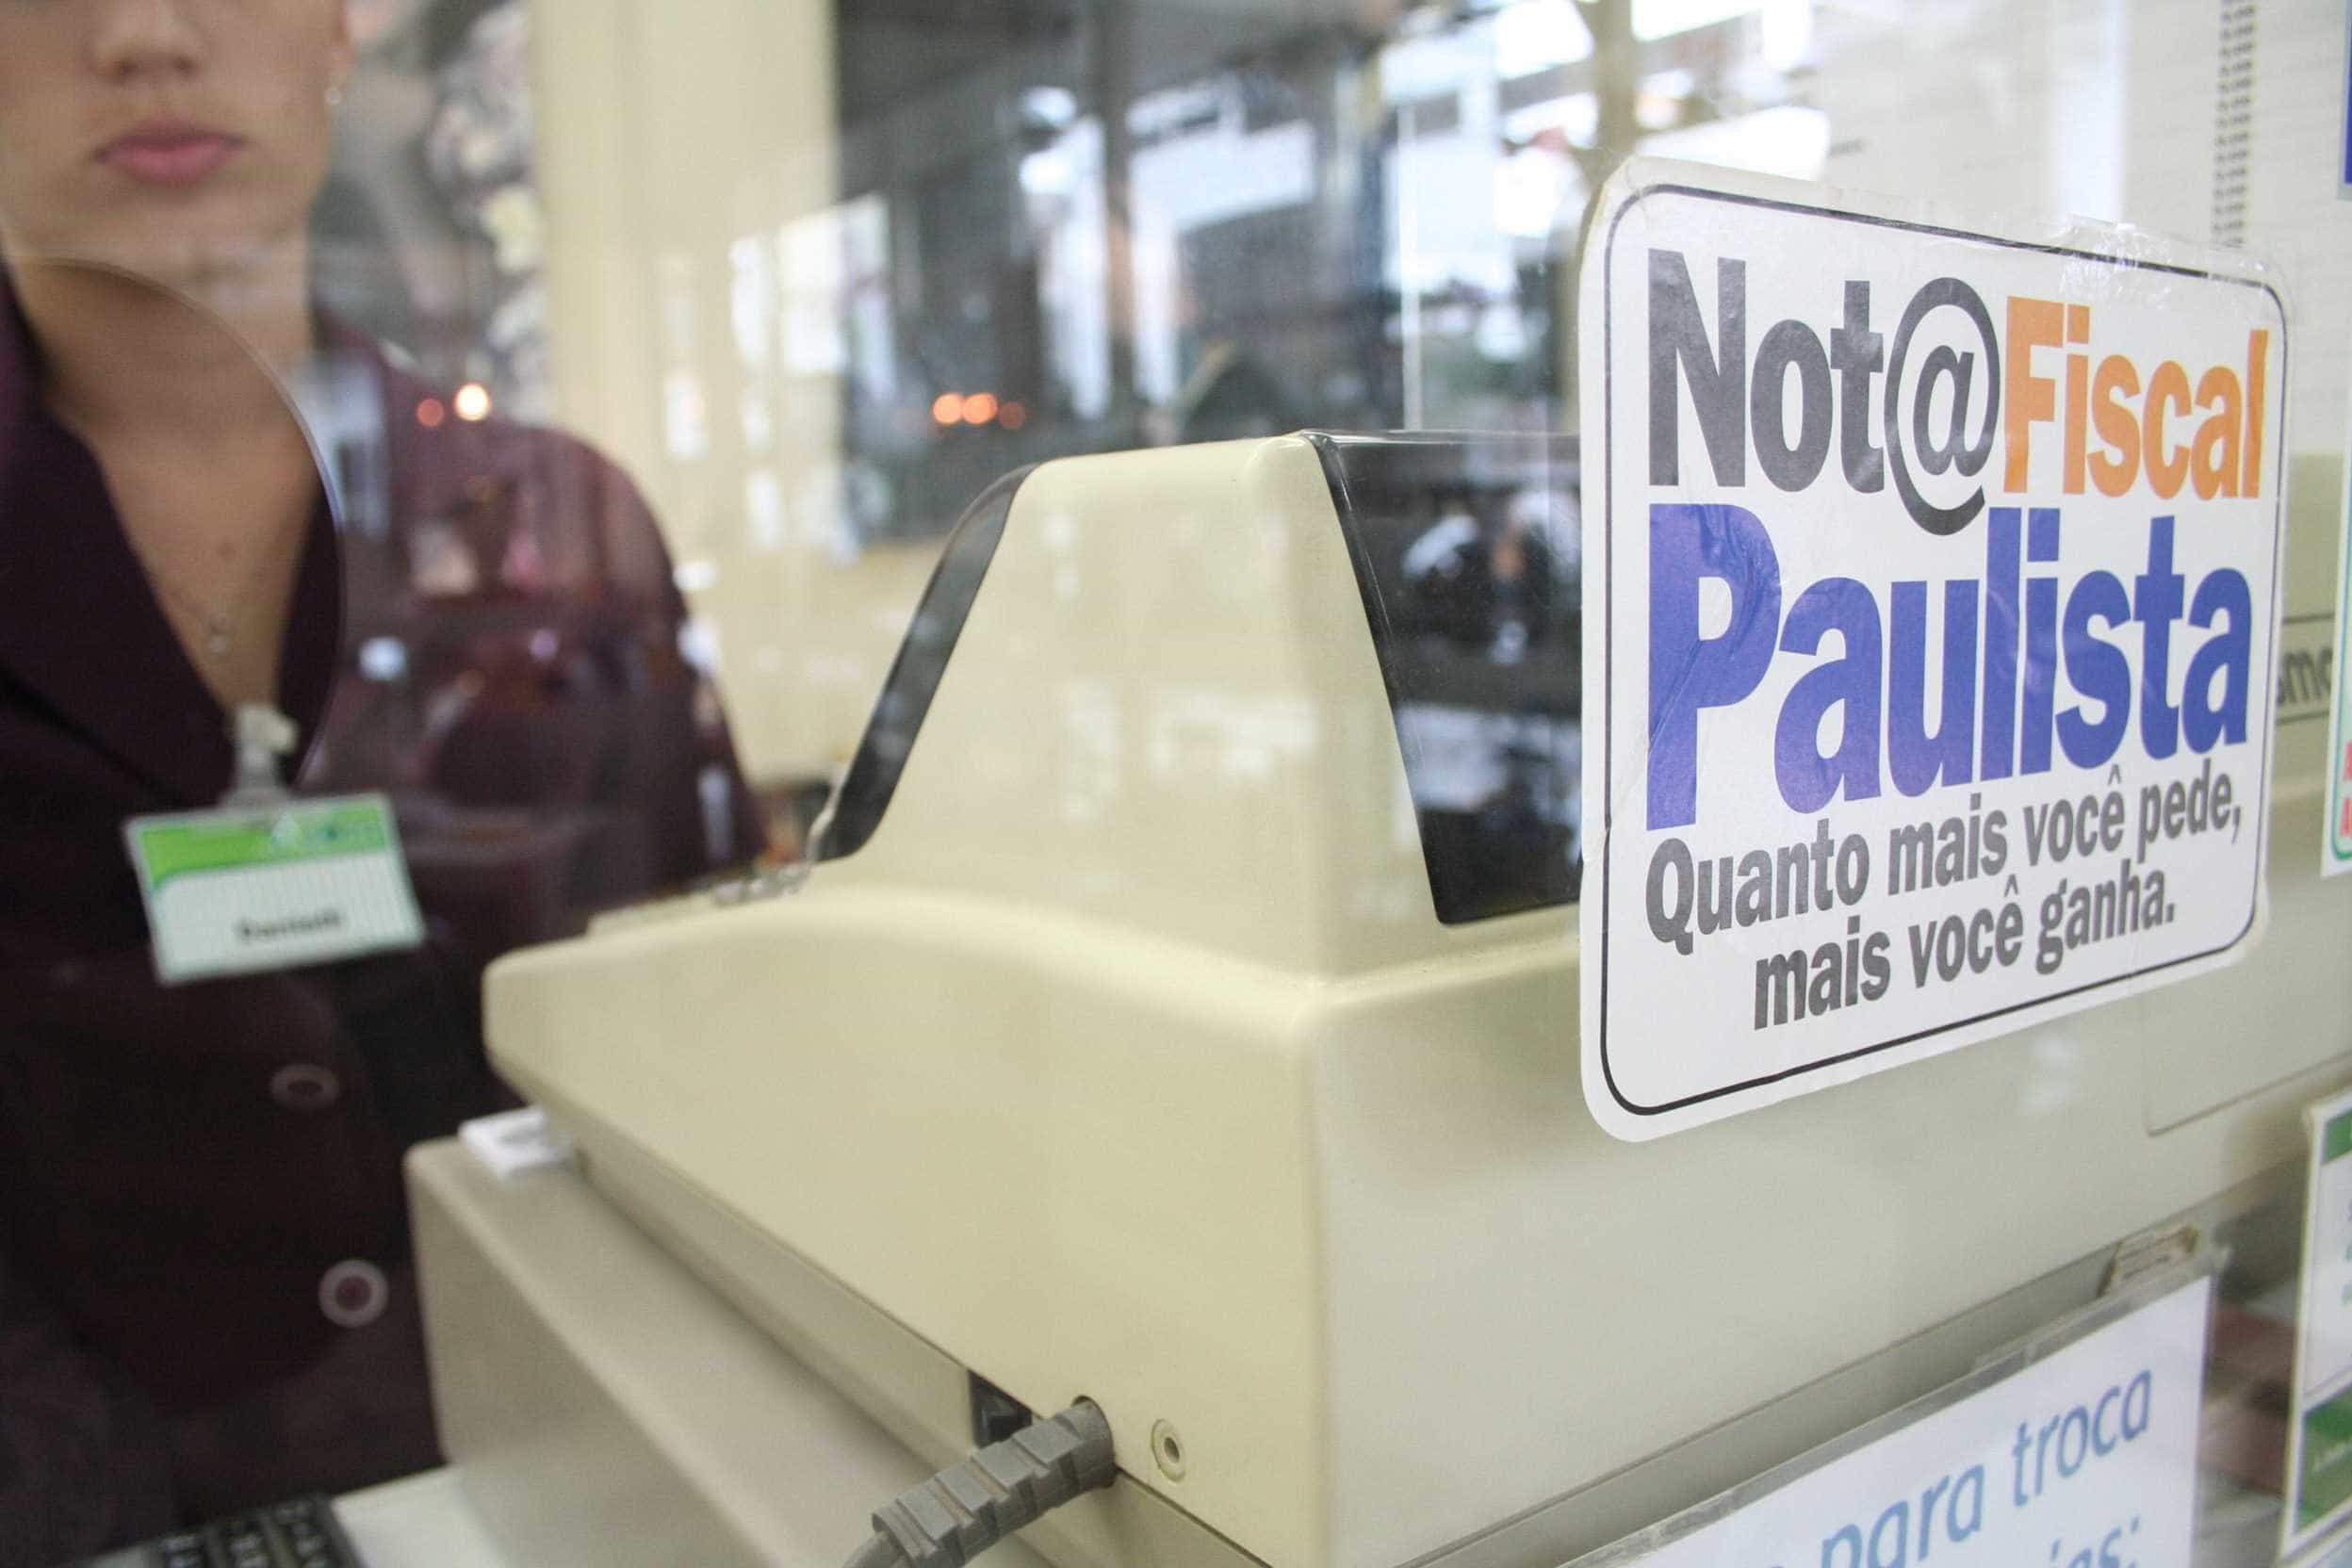 Prêmio de R$ 1 mi da Nota Paulista é bloqueado por suspeita de fraude